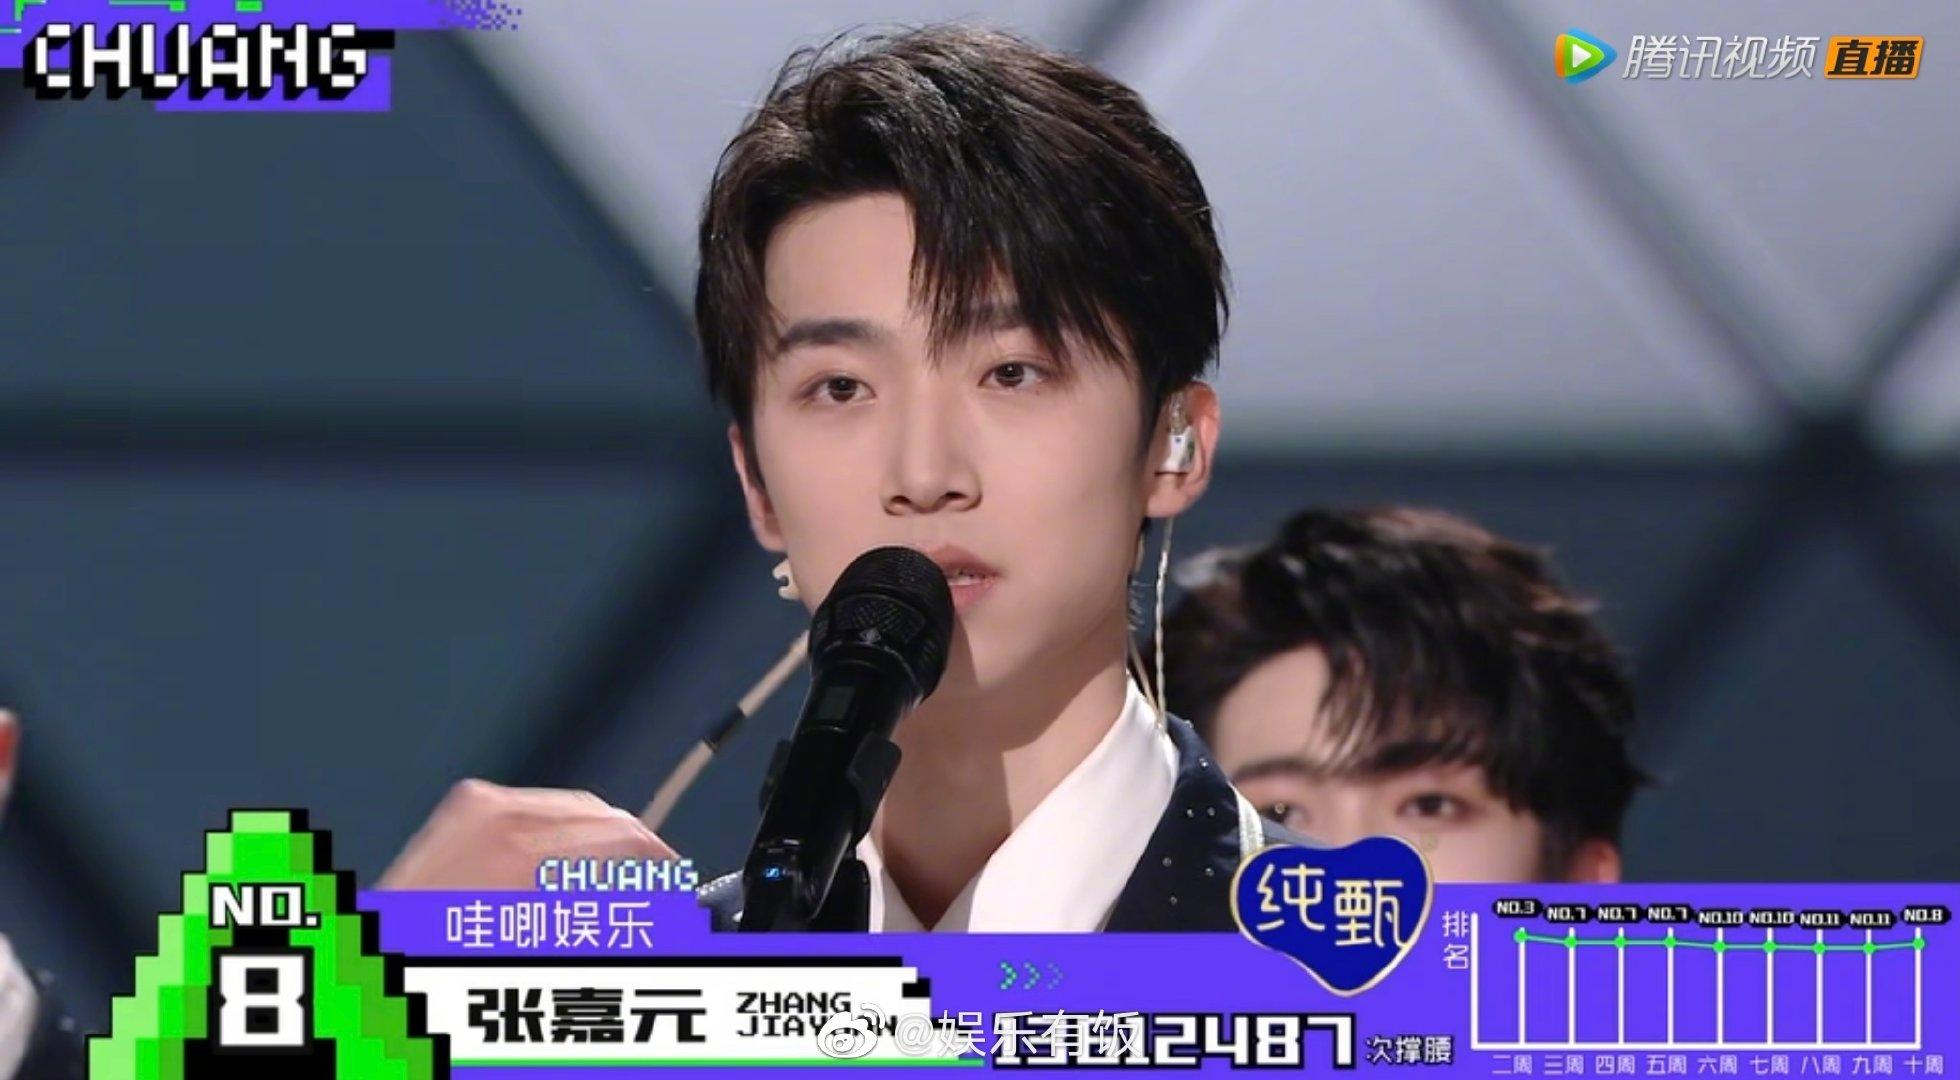 zhang jiayuan final chuang